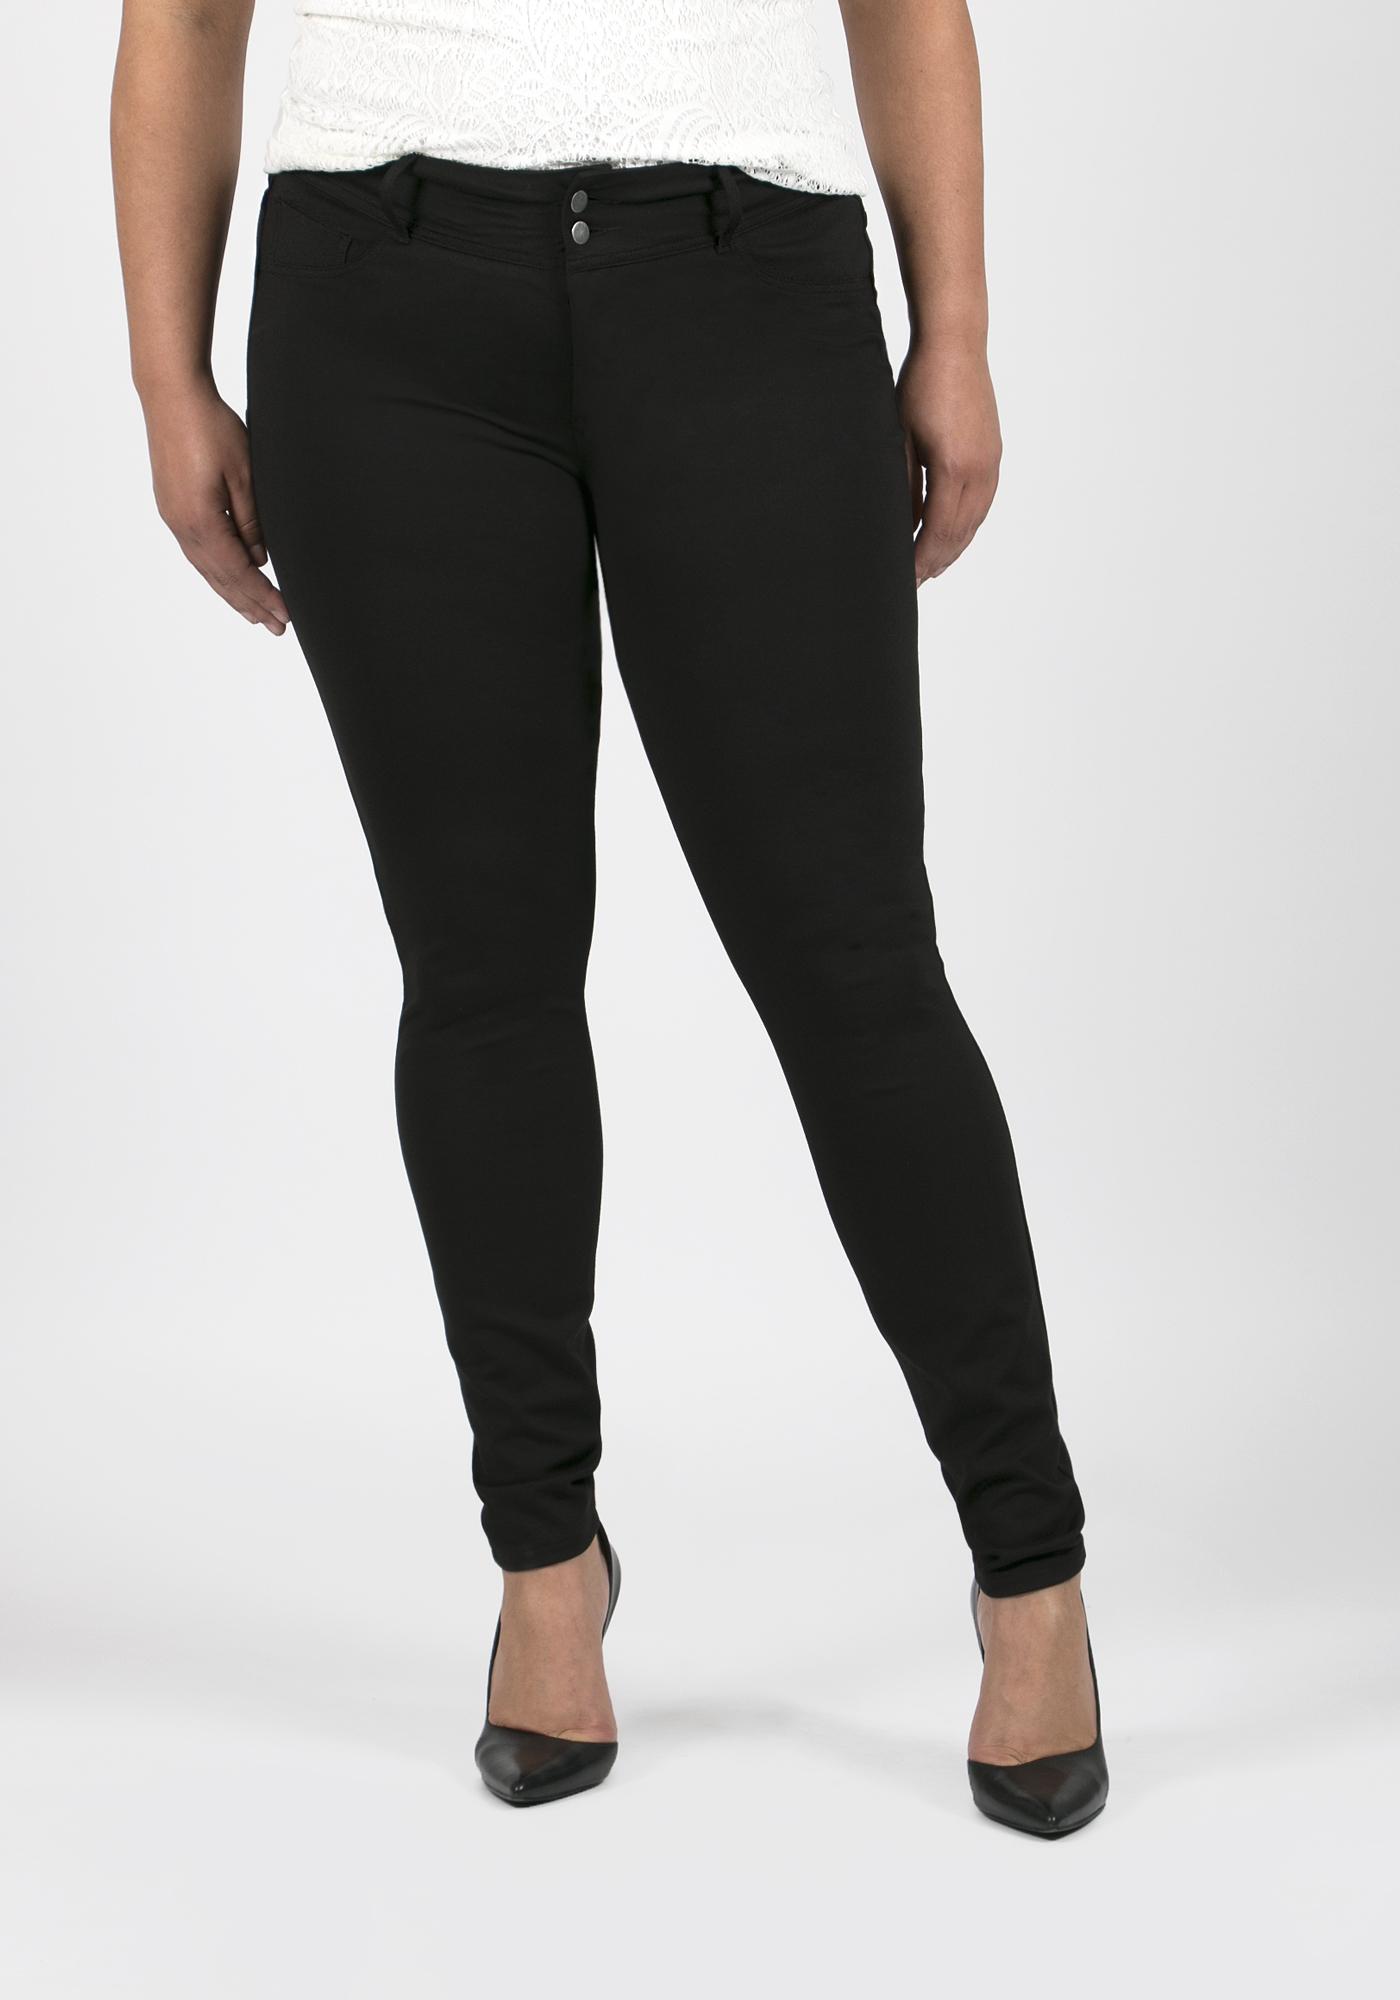 bda0cf3cbbe Women s Plus Size Skinny Pants